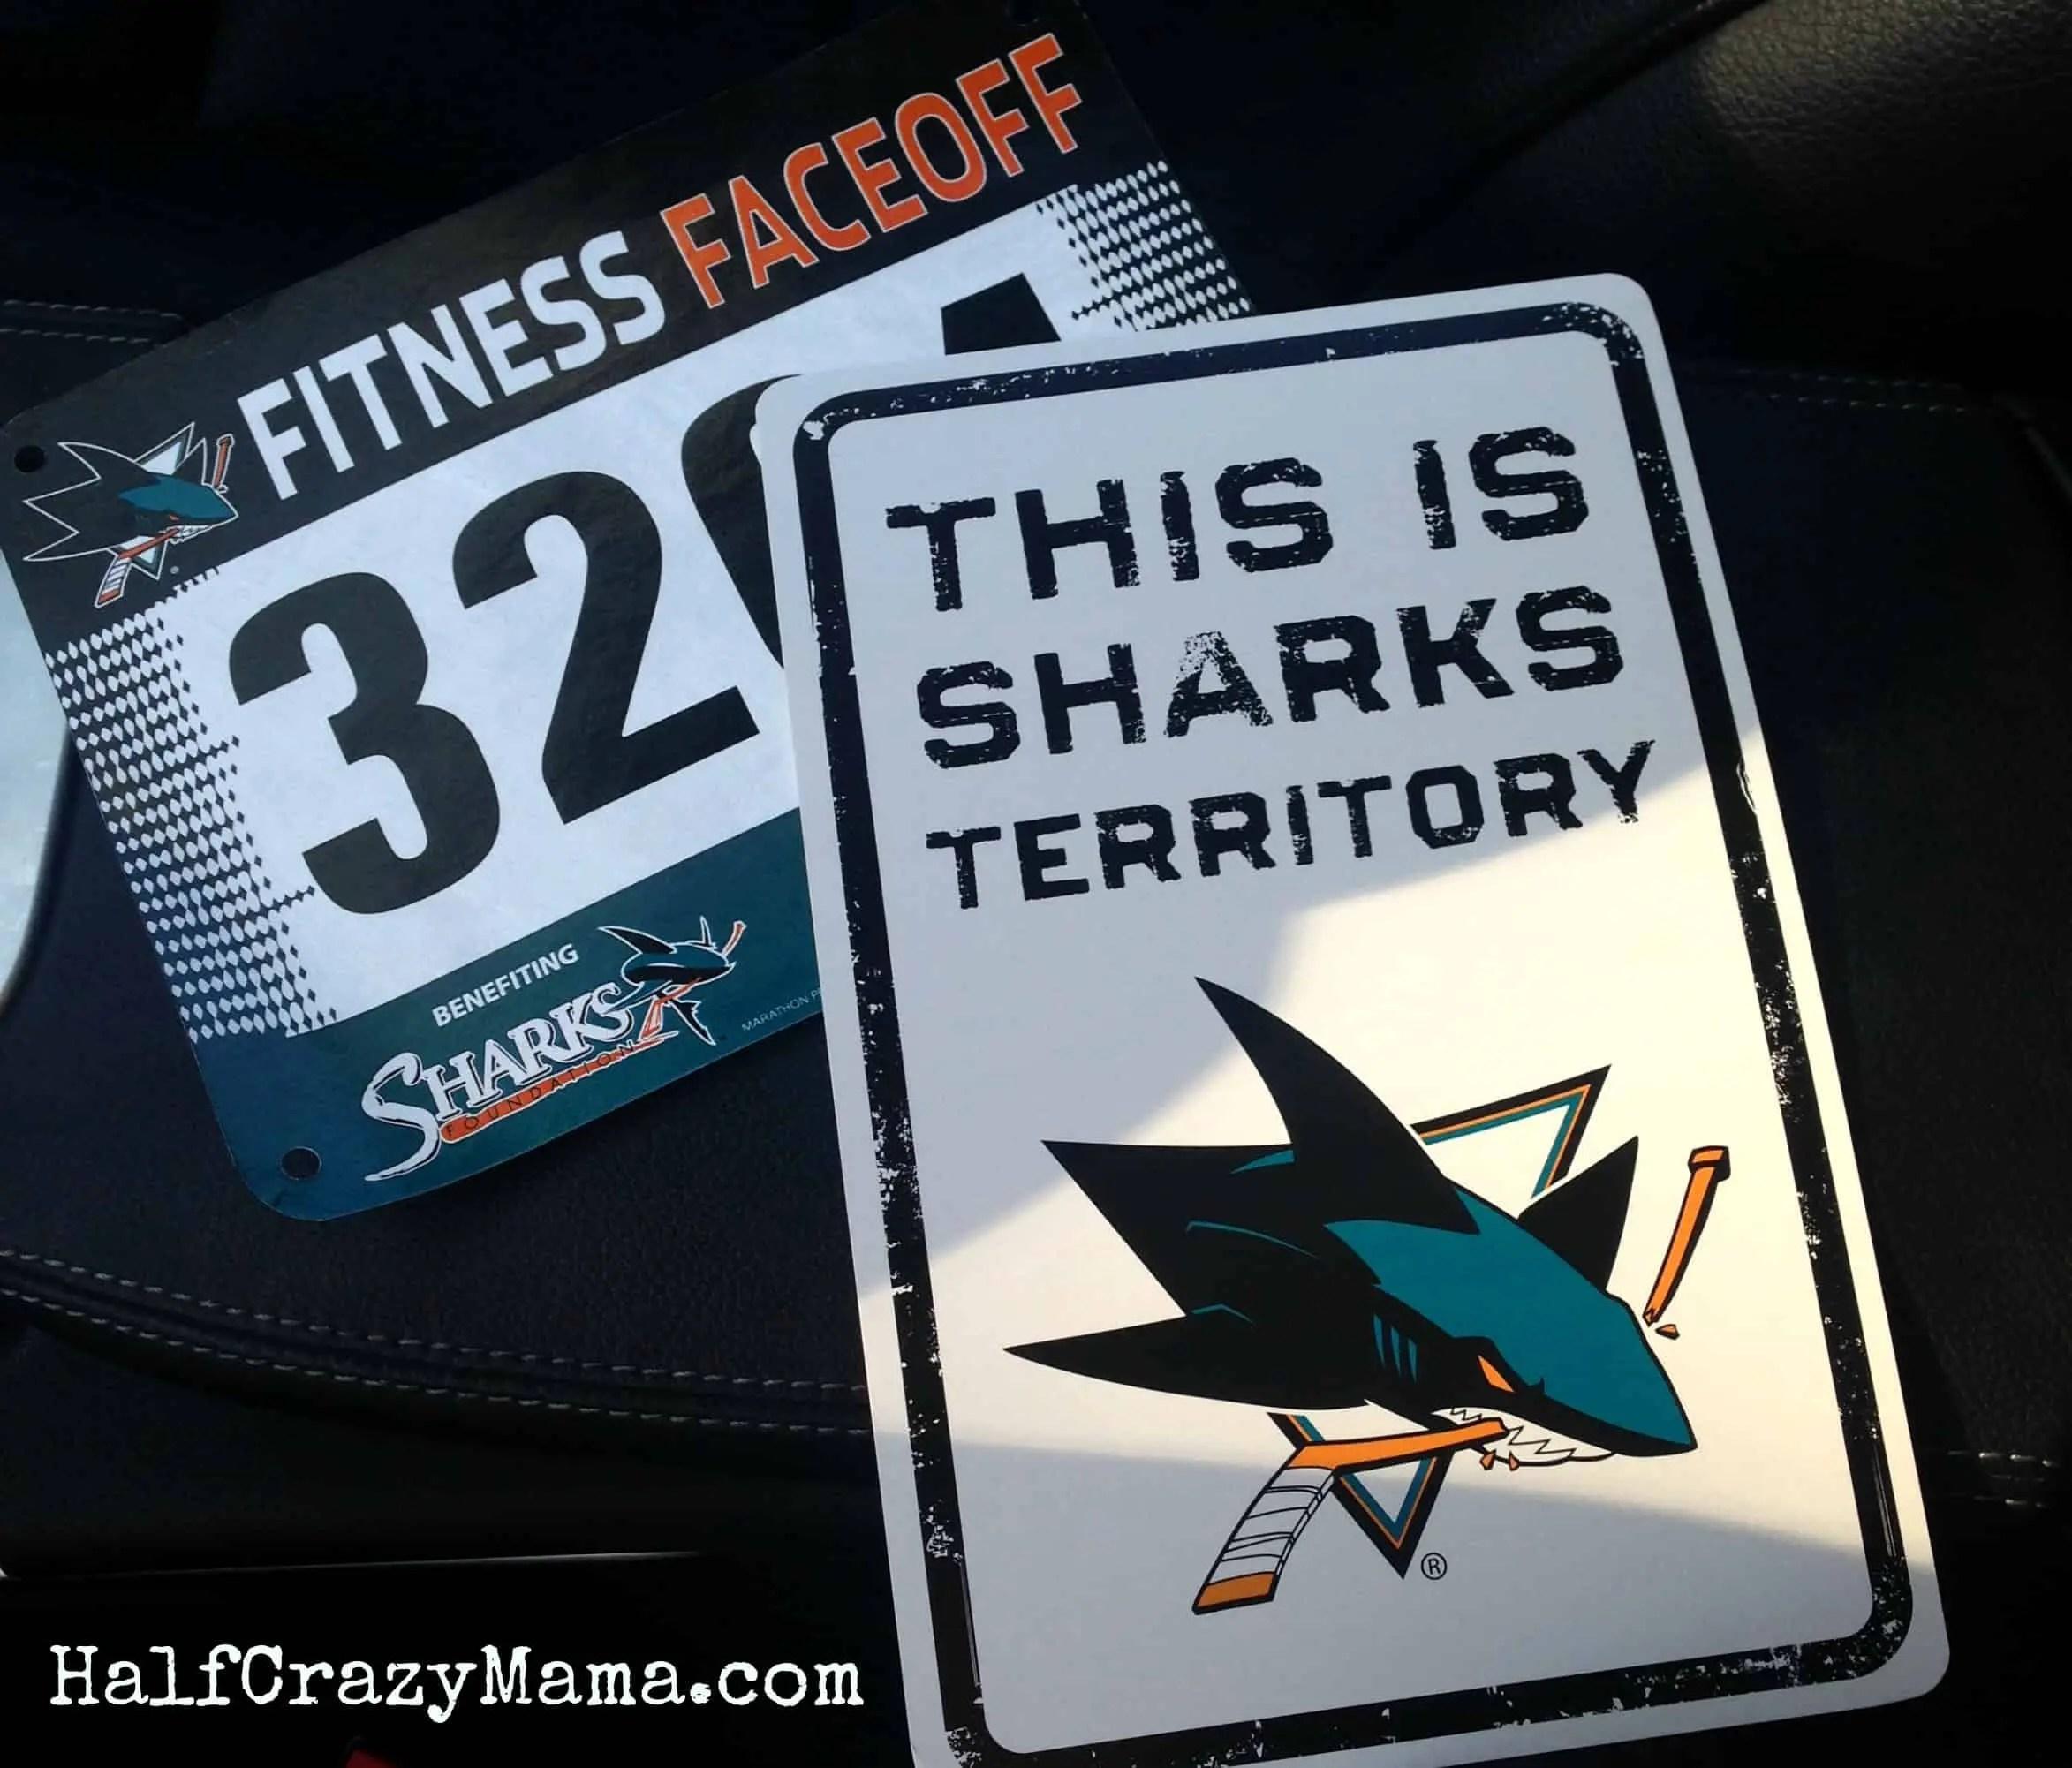 Sharks 5k bib